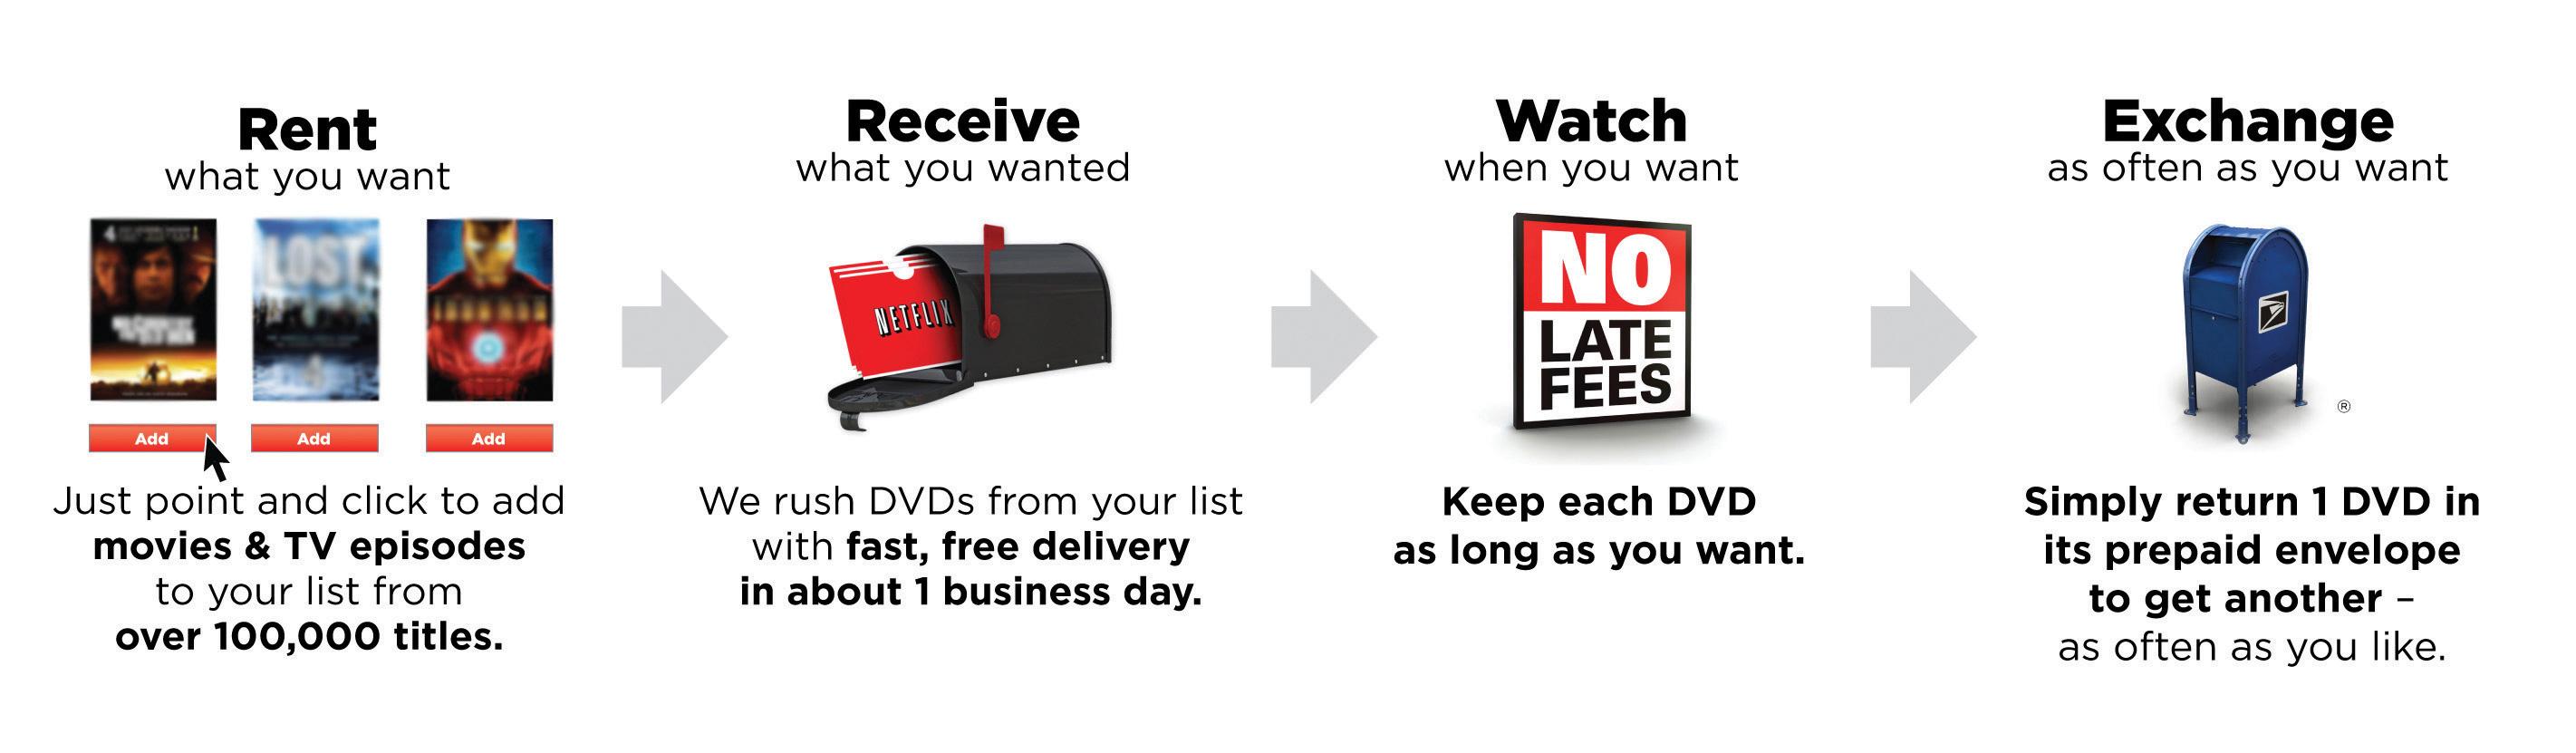 Netflix hbs case study pdf